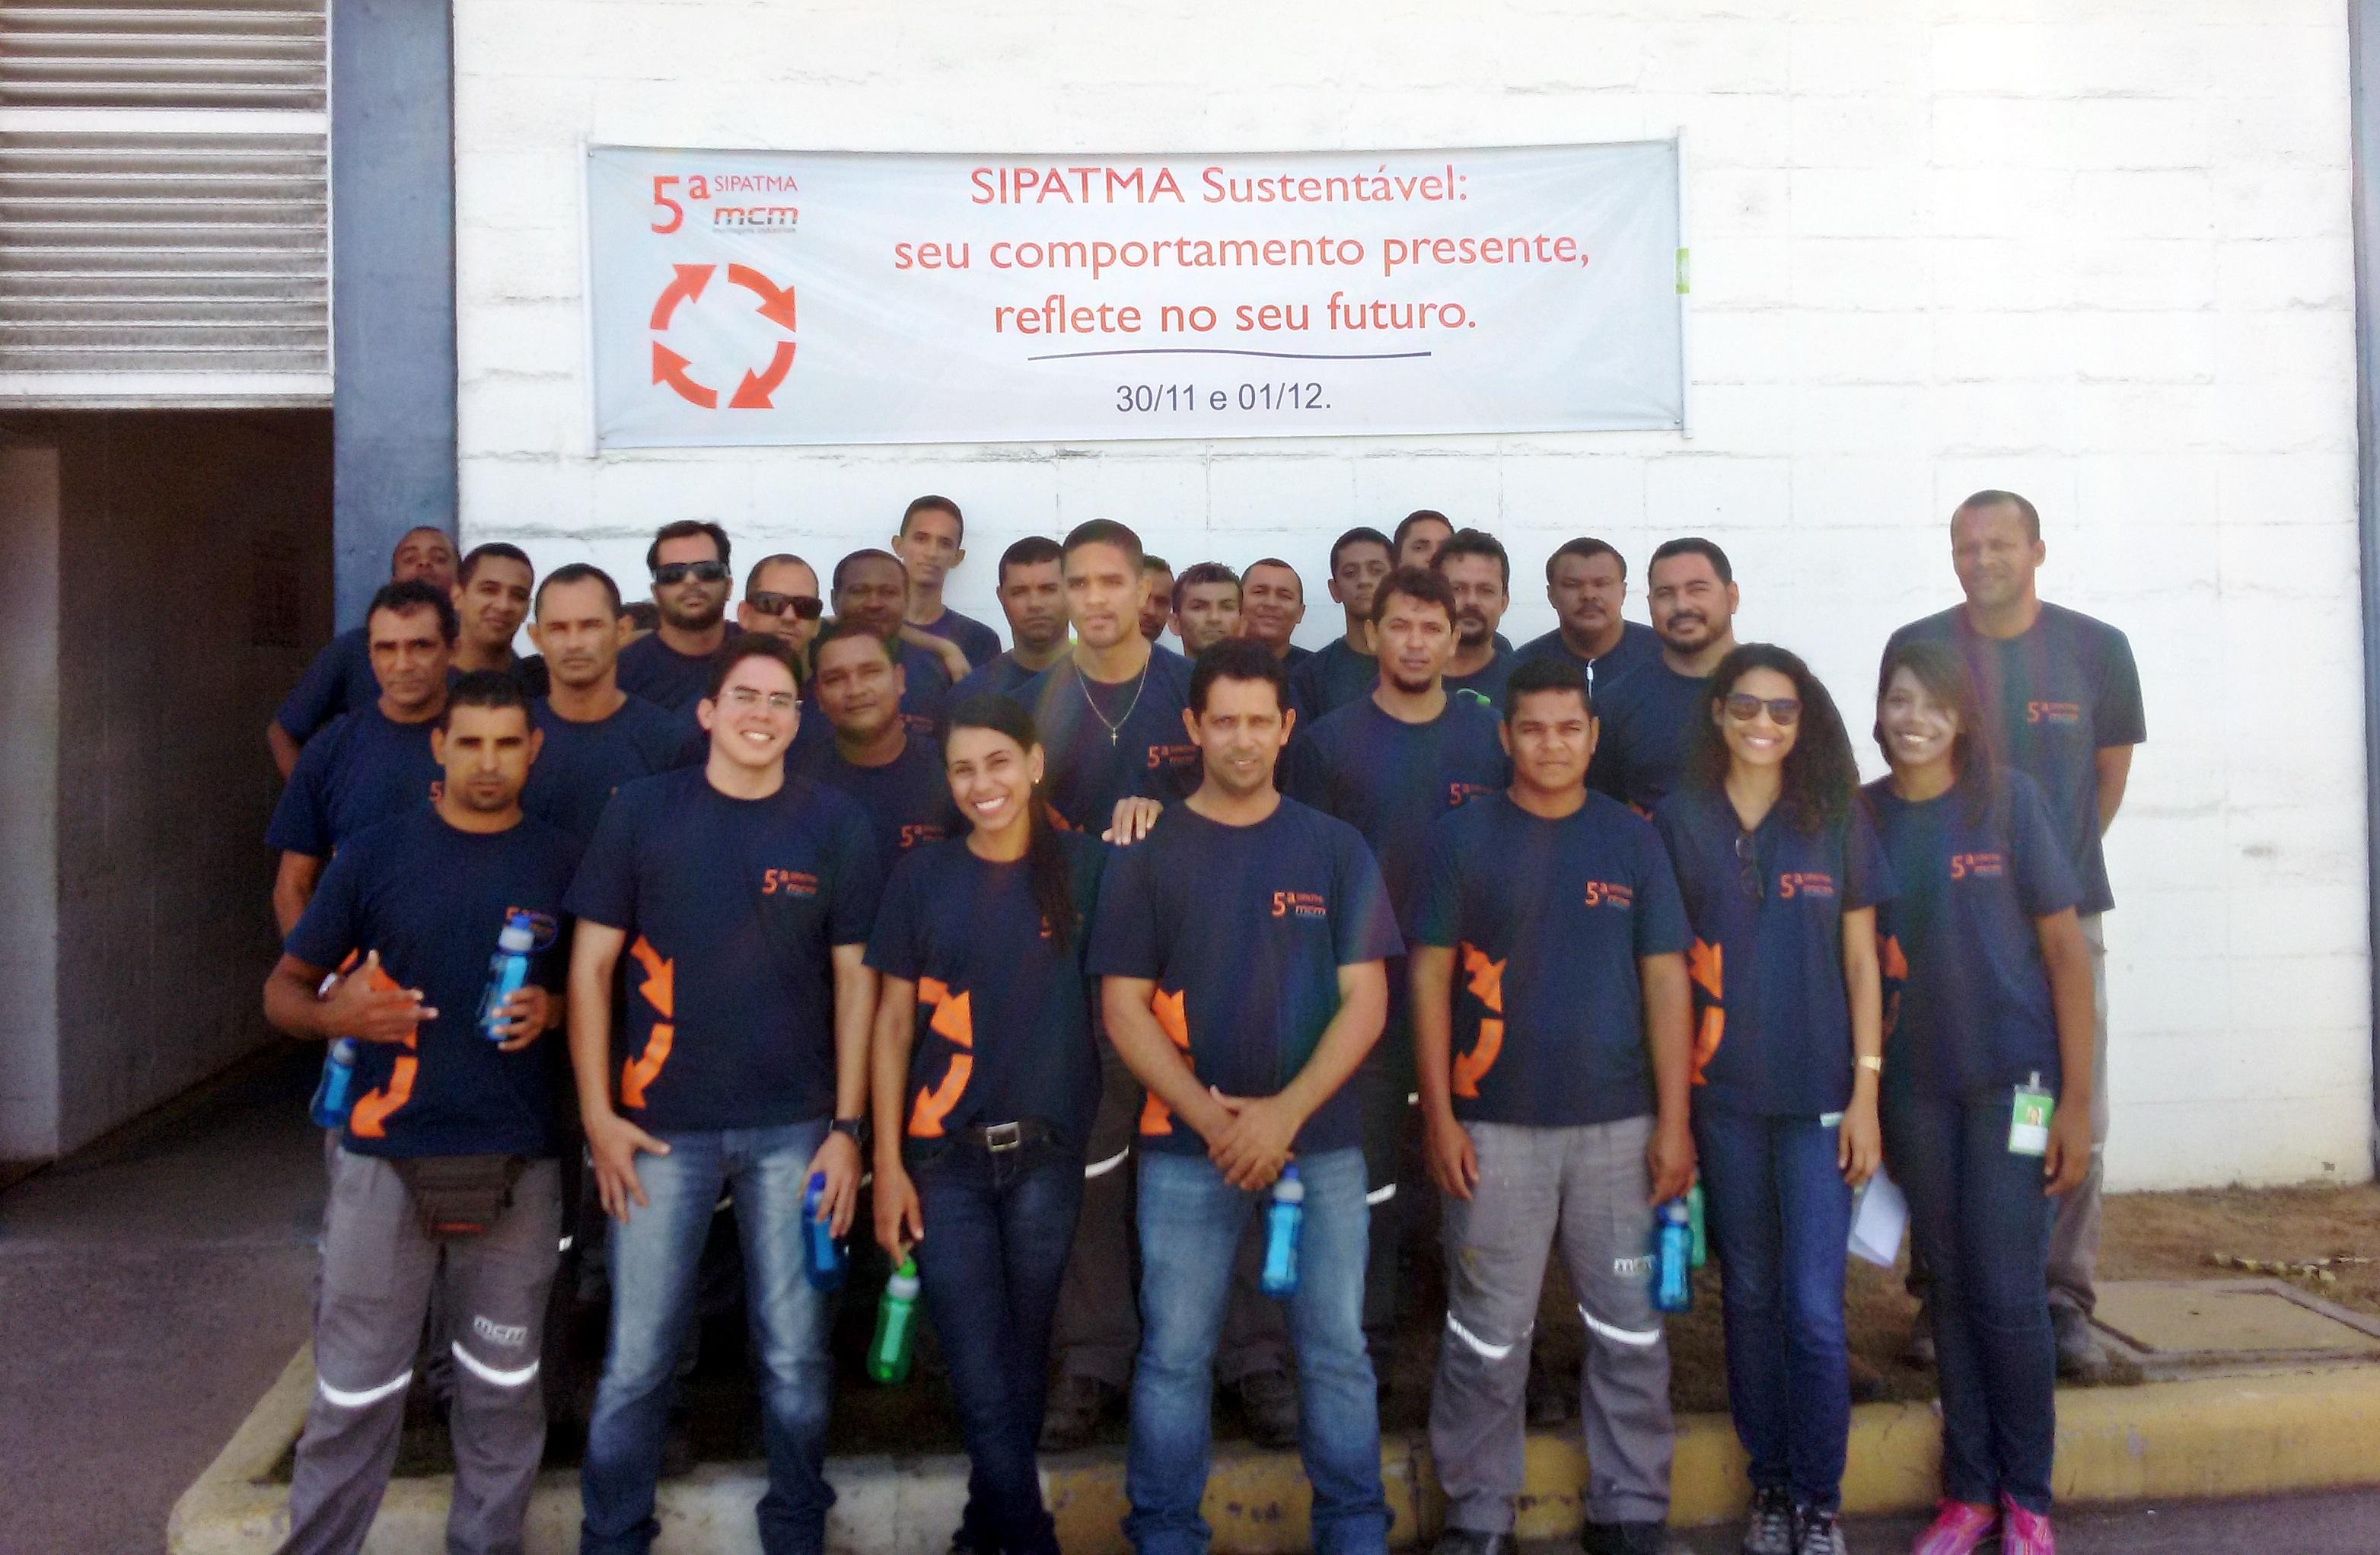 SIPATMA na Lever Igarassu e Unilever Garanhuns